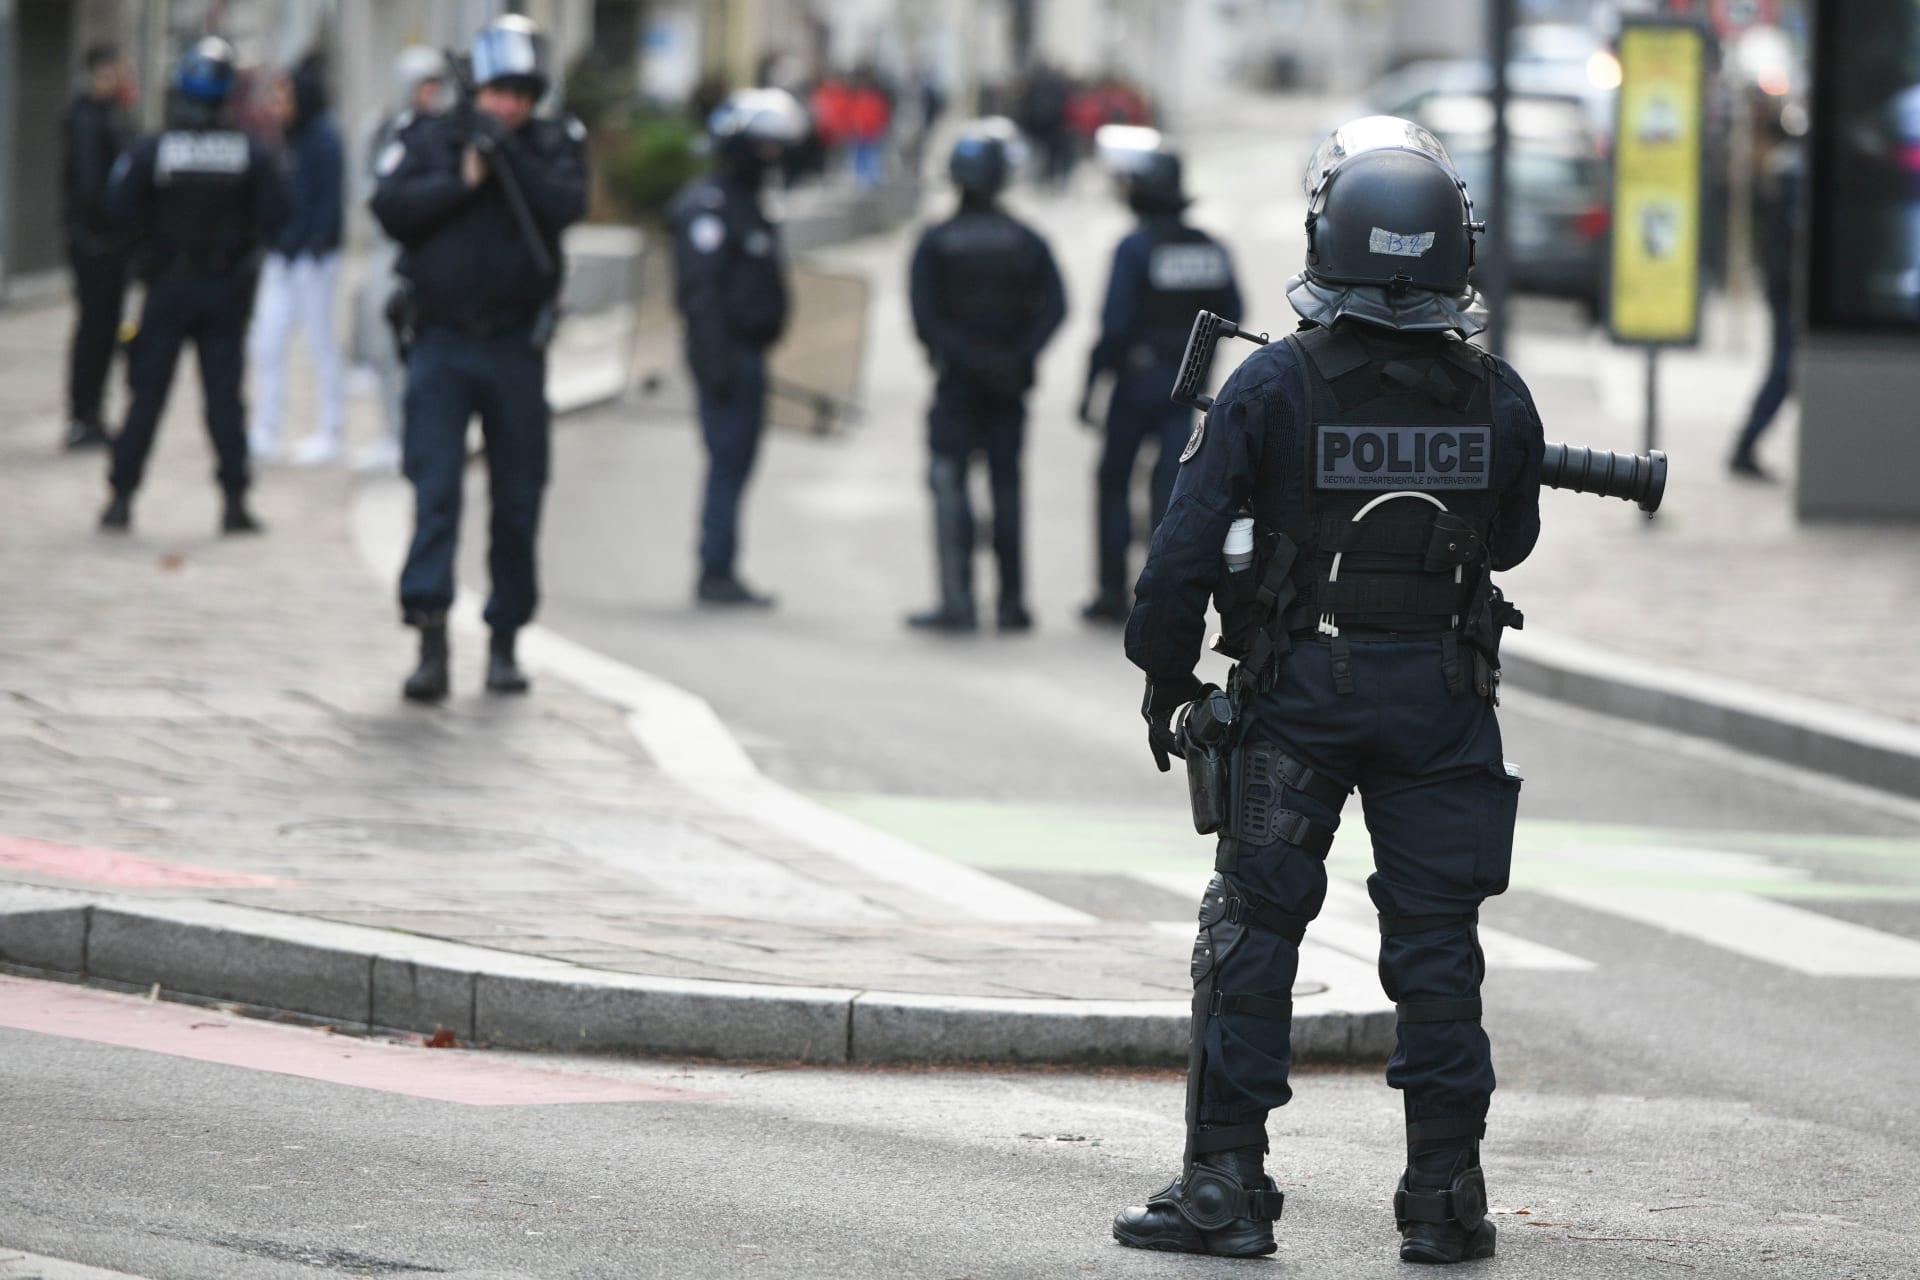 الإطفاء الفرنسية: قتيل وجرحى في ستراسبورغ.. والداخلية تطالب المواطنين بالتزام المنازل